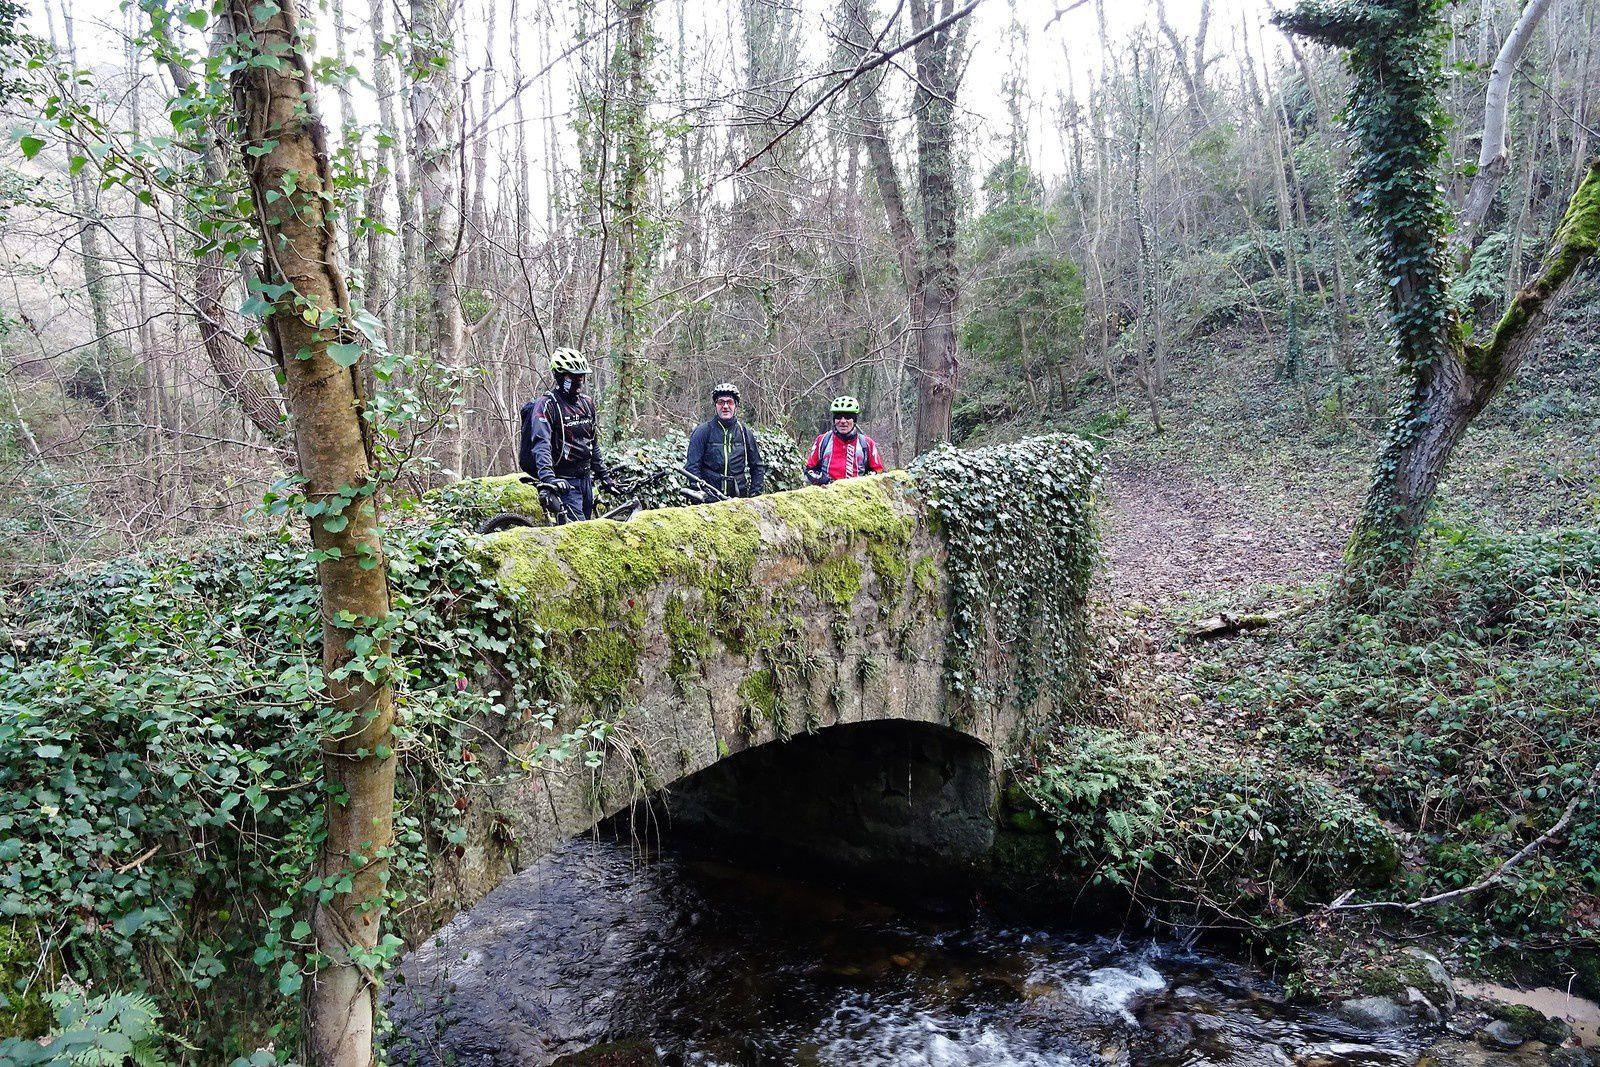 Un petit aller-retour jusqu'au pont puis nous rentrons à Montbrison. Le retour est frigorifiant !